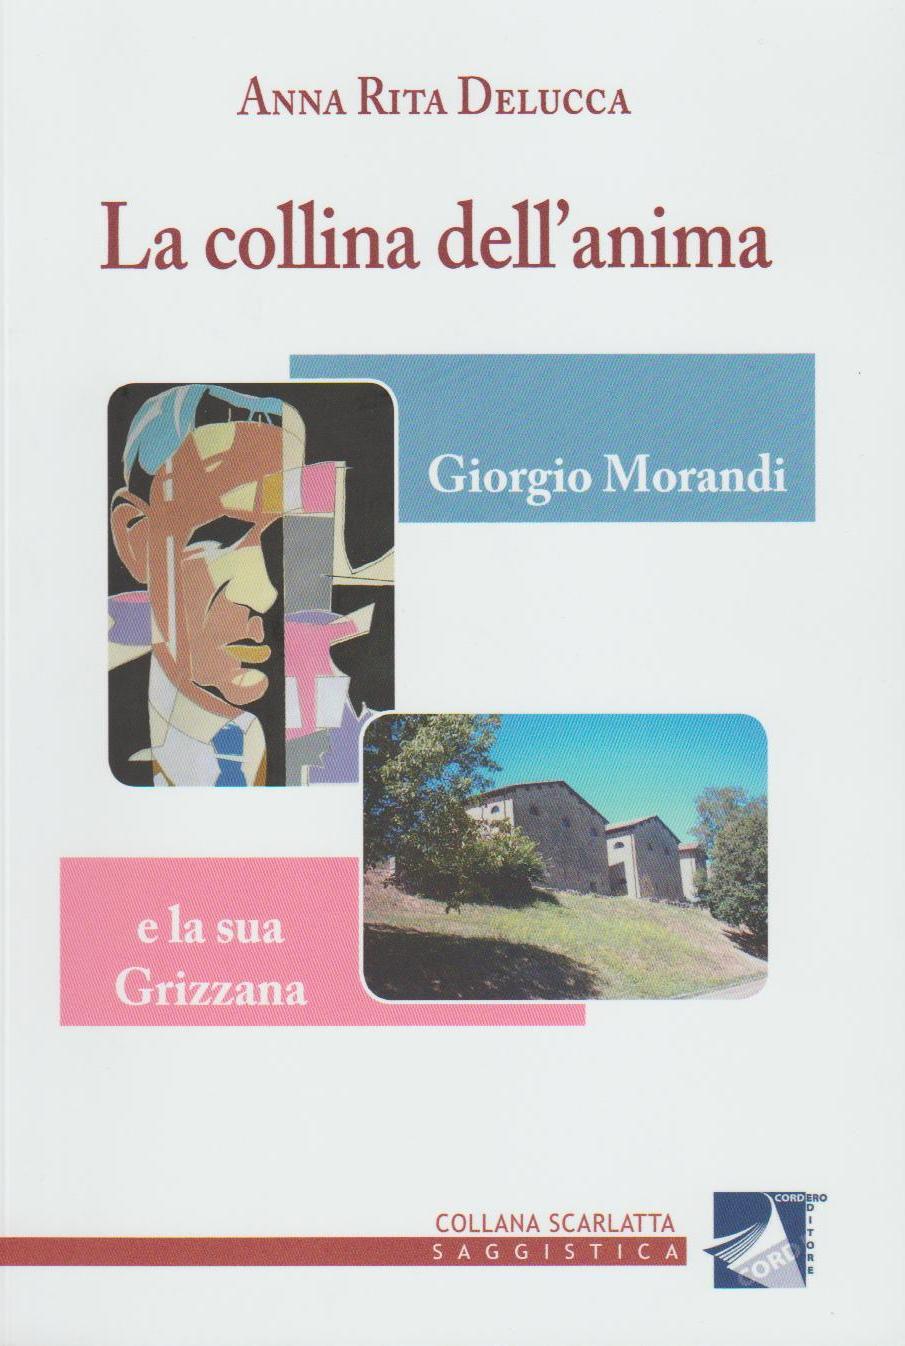 Grizzana Morandi, un paese immerso nel verde dedicato al grande pittore 1